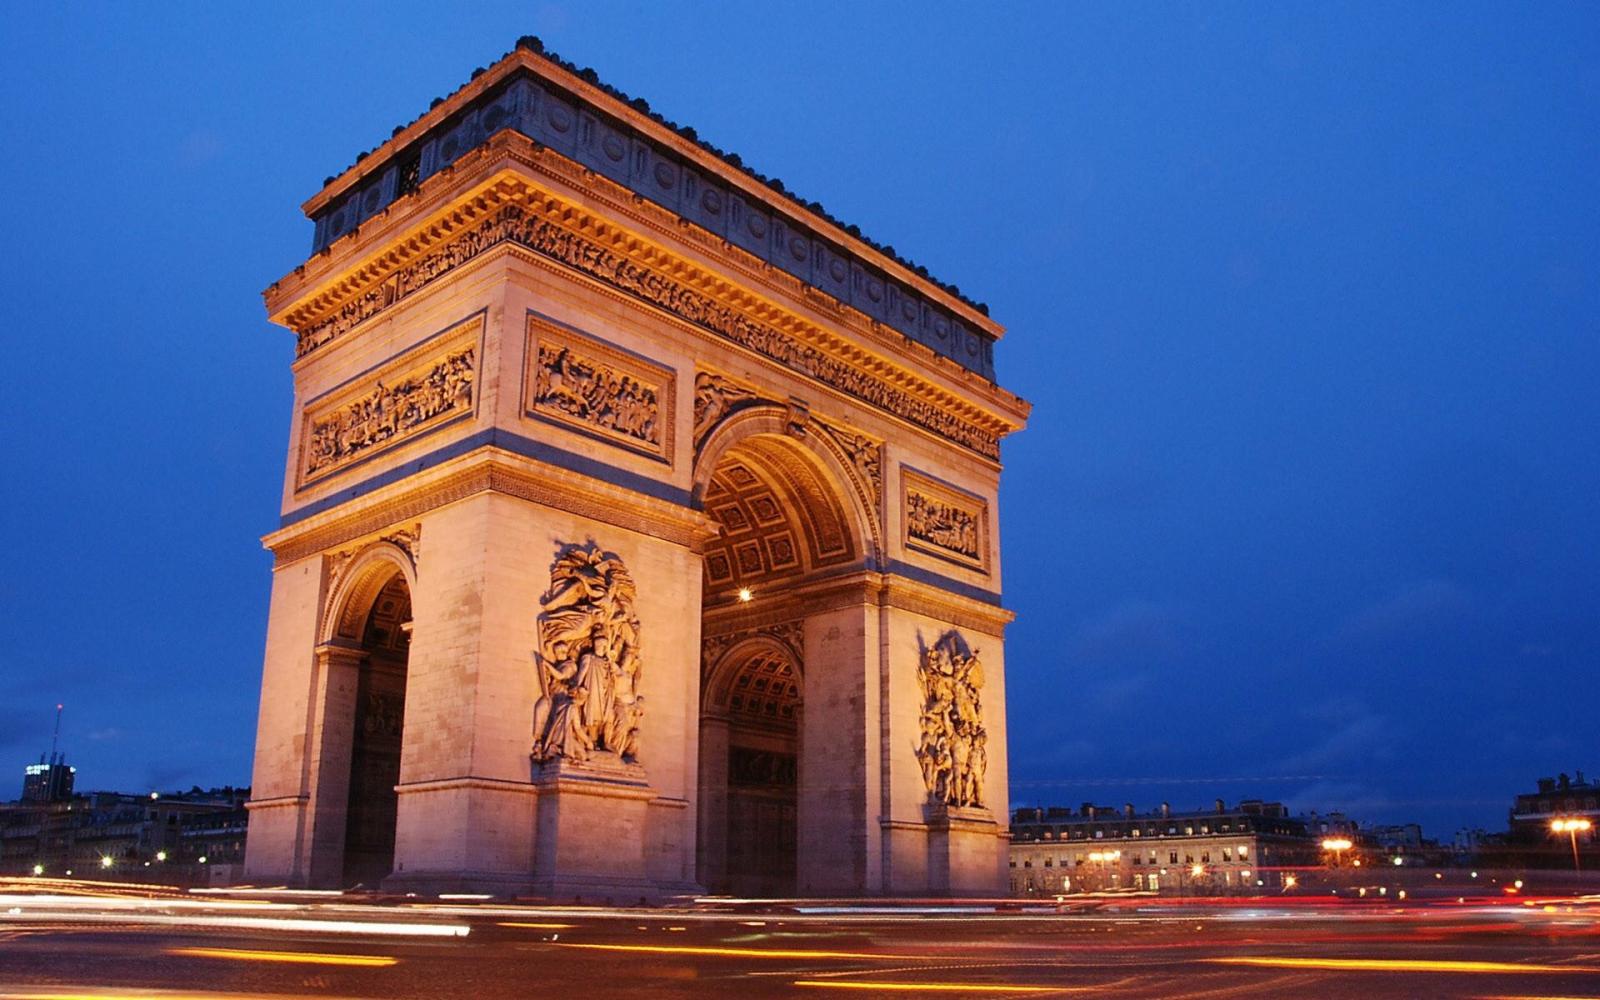 Du lịch Pháp - Khải Hoàn Môn công trình kiến trúc độc đáo